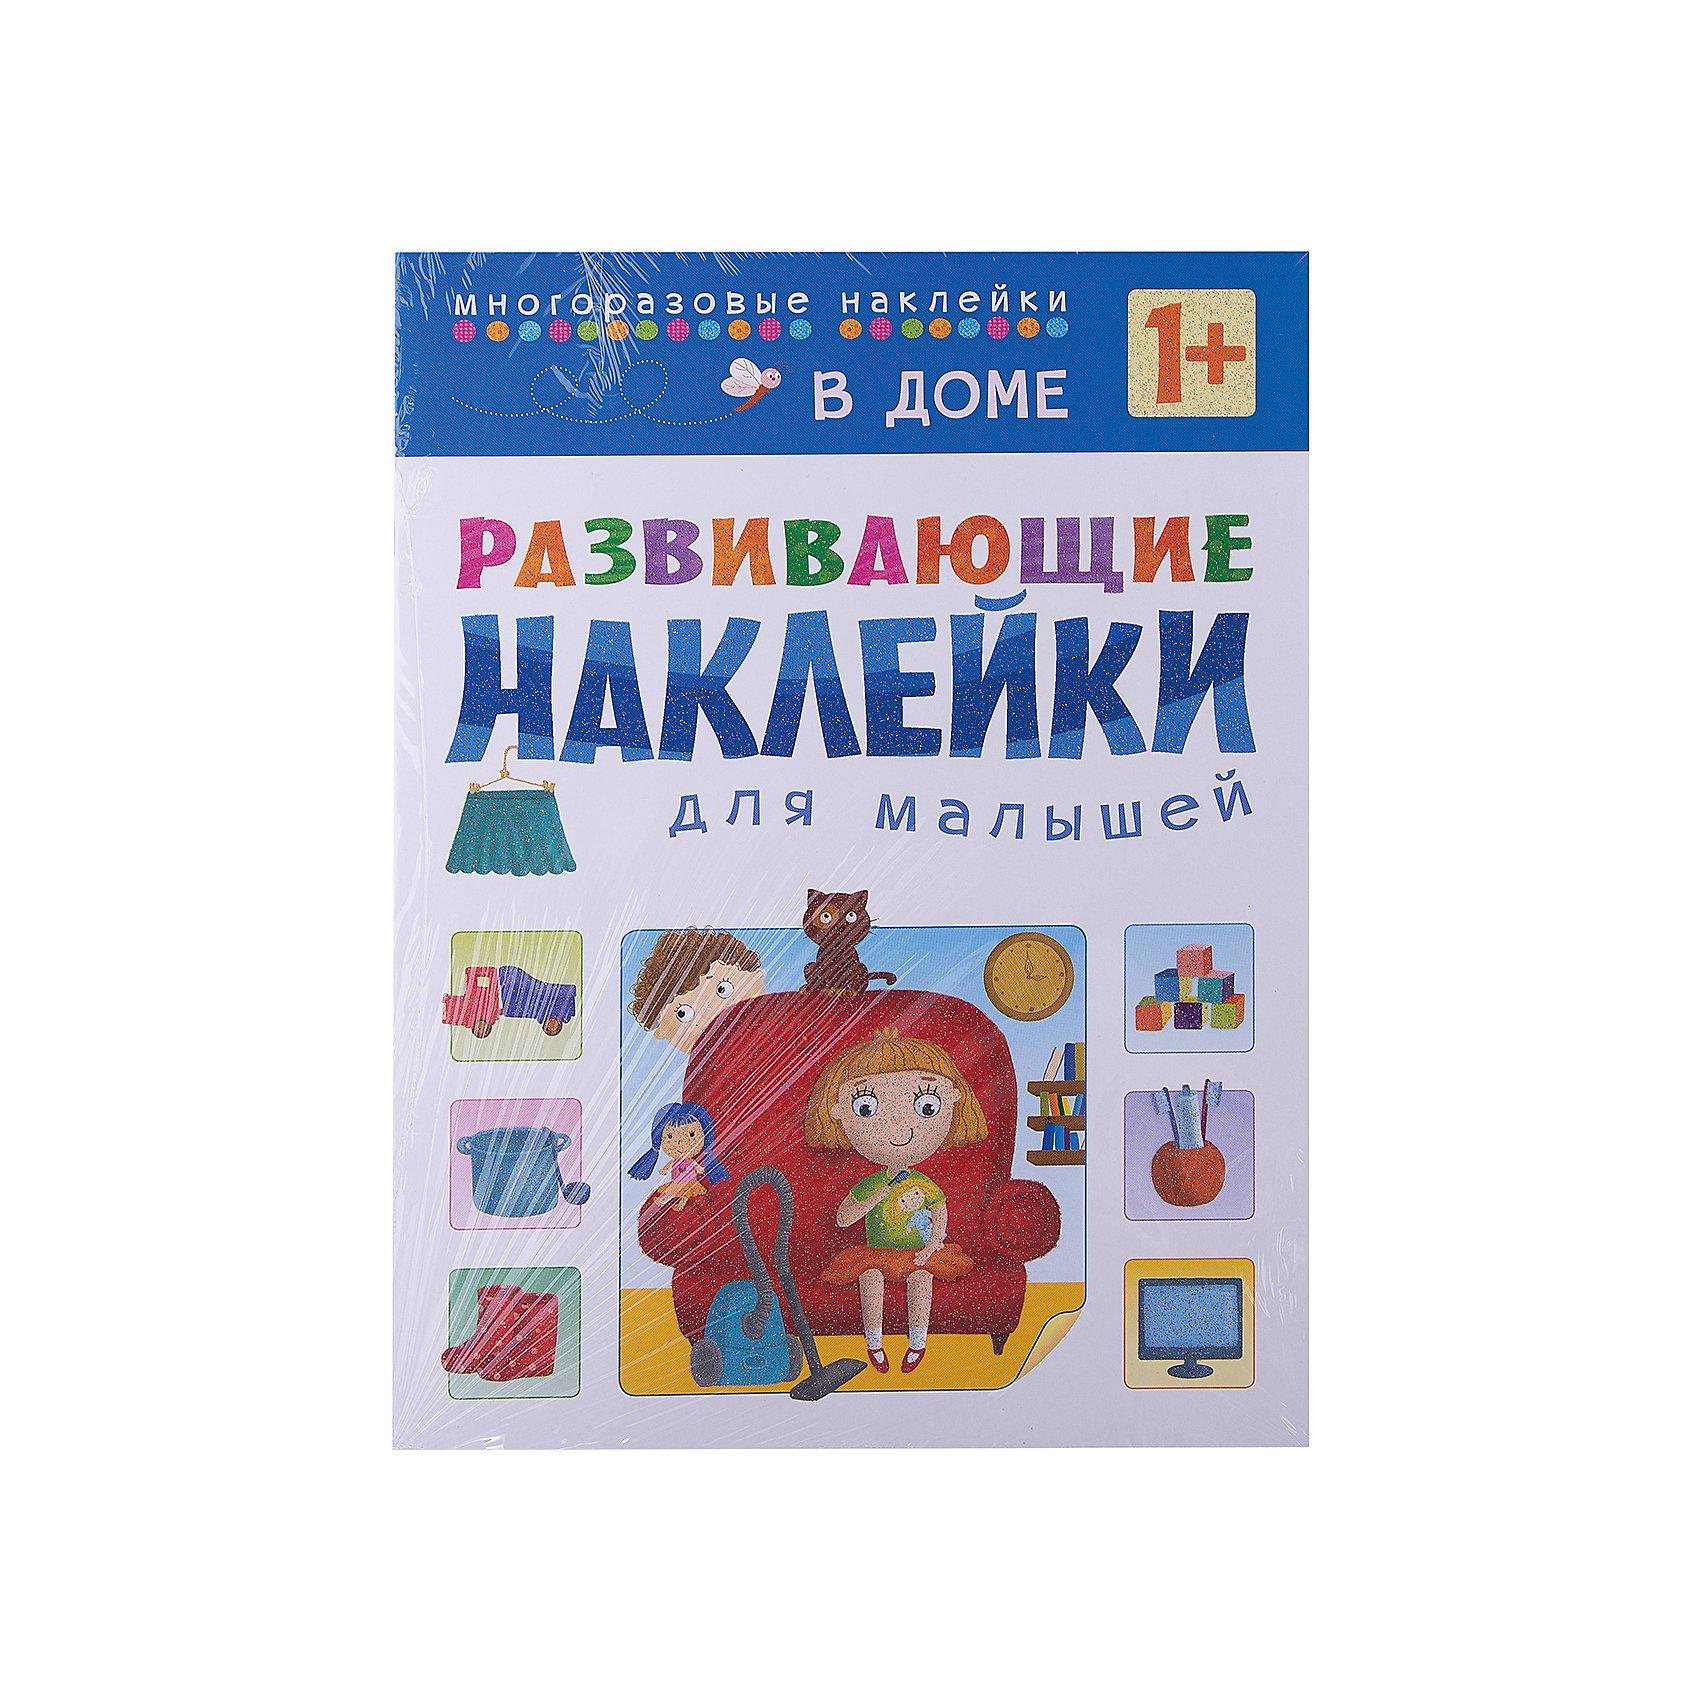 В доме, Развивающие наклейки для малышейРазвивающие книги<br>Характеристики книжки В доме с наклейками:<br><br>• возраст: от 1 года<br>• пол: для мальчиков и девочек<br>• размеры: 19.5x25.5<br>• материал: бумага, полимер<br>• переплет мягкая обложка<br>• количество страниц: 10<br>• цветные иллюстрации: да<br>• язык издания: русский<br>• вес: 65 г<br>• тип издания: отдельное издание<br>• серия : развивающие наклейки для малышей<br>• редактор: Валерия Вилюнова<br>• иллюстратор: Евгения Миронюк<br>• издательство: Мозаика-Синтез<br>• страна обладатель бренда: Россия.<br>• страна изготовитель: Россия<br><br>Эта книжка с наклейками предназначена для самых маленьких читателей. Уже в 1 год ребенок способен выполнять задания, приклеивая наклейки в нужное место. Это занятие не только приносит малышу удовольствие и радость, но и способствует развитию речи, интеллекта, мелкой моторики, координации движений, умения находить и принимать решения; расширяет представления об окружающем мире. <br><br>С помощью этой книги малыш побывает в доме - в кухне, прихожей, ванной и других комнатах, познакомится с такими понятиями, как посуда, одежда, обувь, мебель. Наклейки в книге многоразовые, так что ребенок, может смело экспериментировать, не боясь ошибиться.<br><br>Книжку В доме с наклейками издательства Мозаика-Синтез можно купить в нашем интернет-магазине.<br><br>Ширина мм: 2<br>Глубина мм: 195<br>Высота мм: 255<br>Вес г: 64<br>Возраст от месяцев: 12<br>Возраст до месяцев: 36<br>Пол: Унисекс<br>Возраст: Детский<br>SKU: 5362858